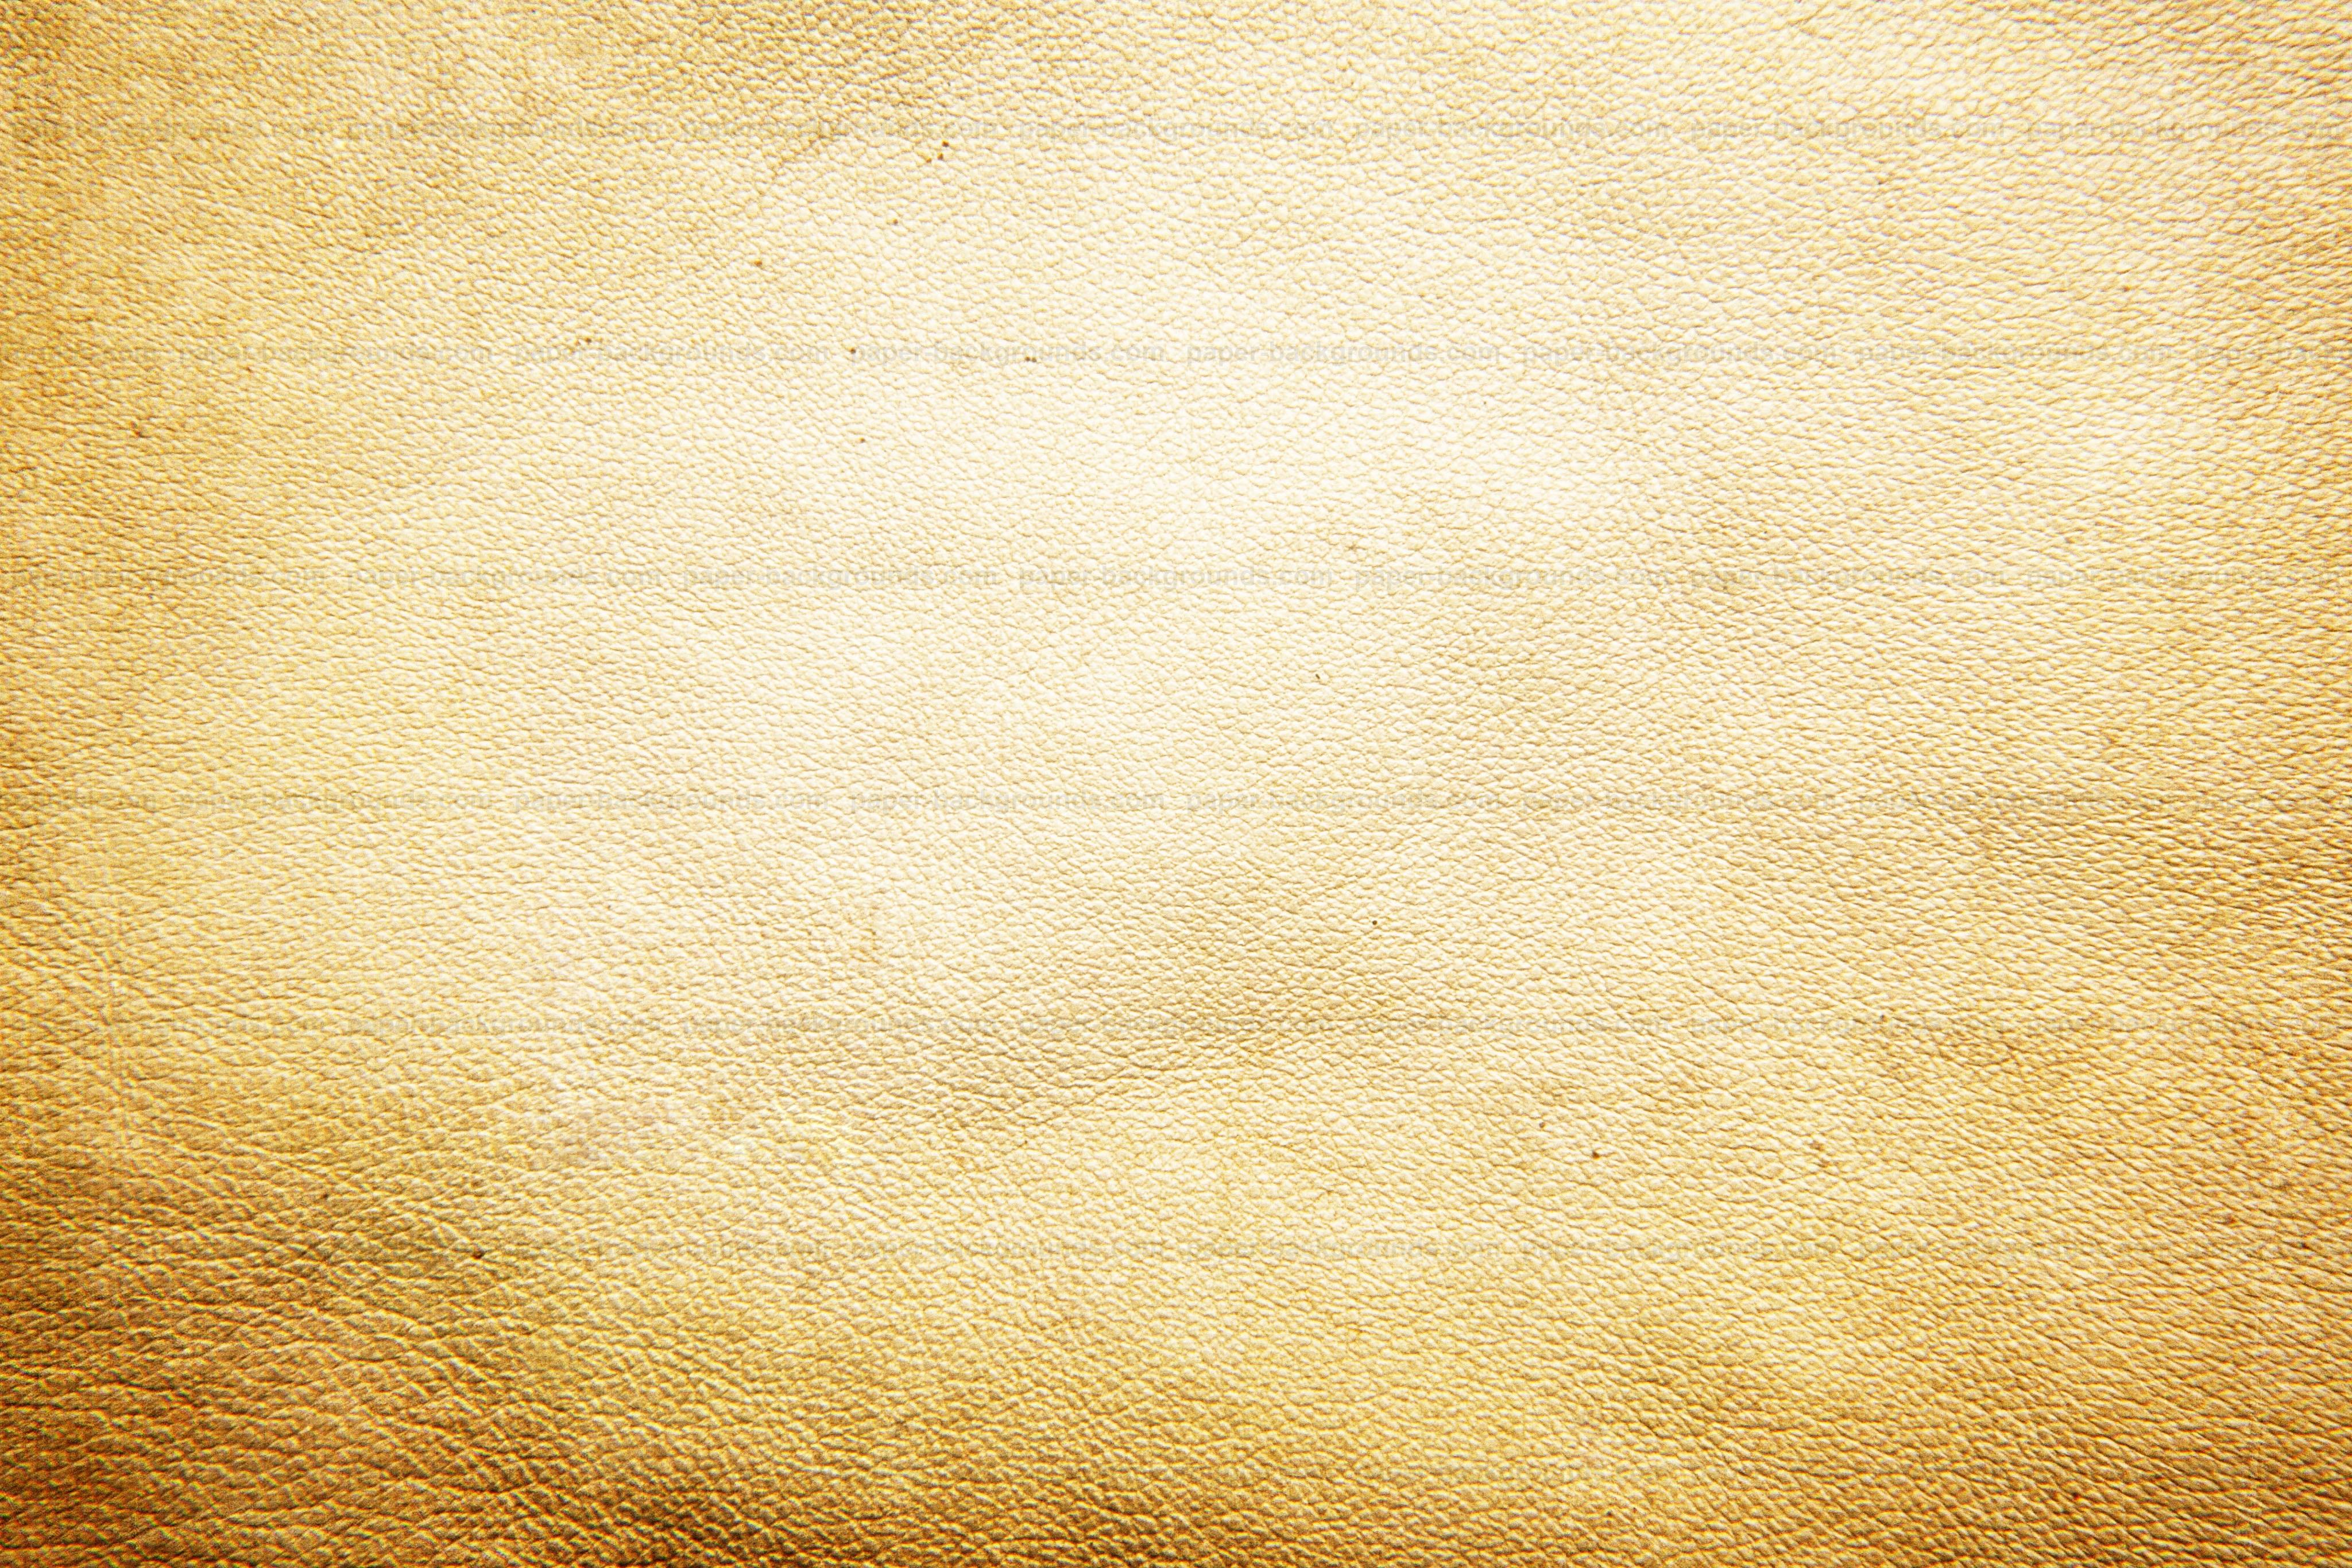 eades discount wallpaper amp discount fabric discount - HD2560×1440